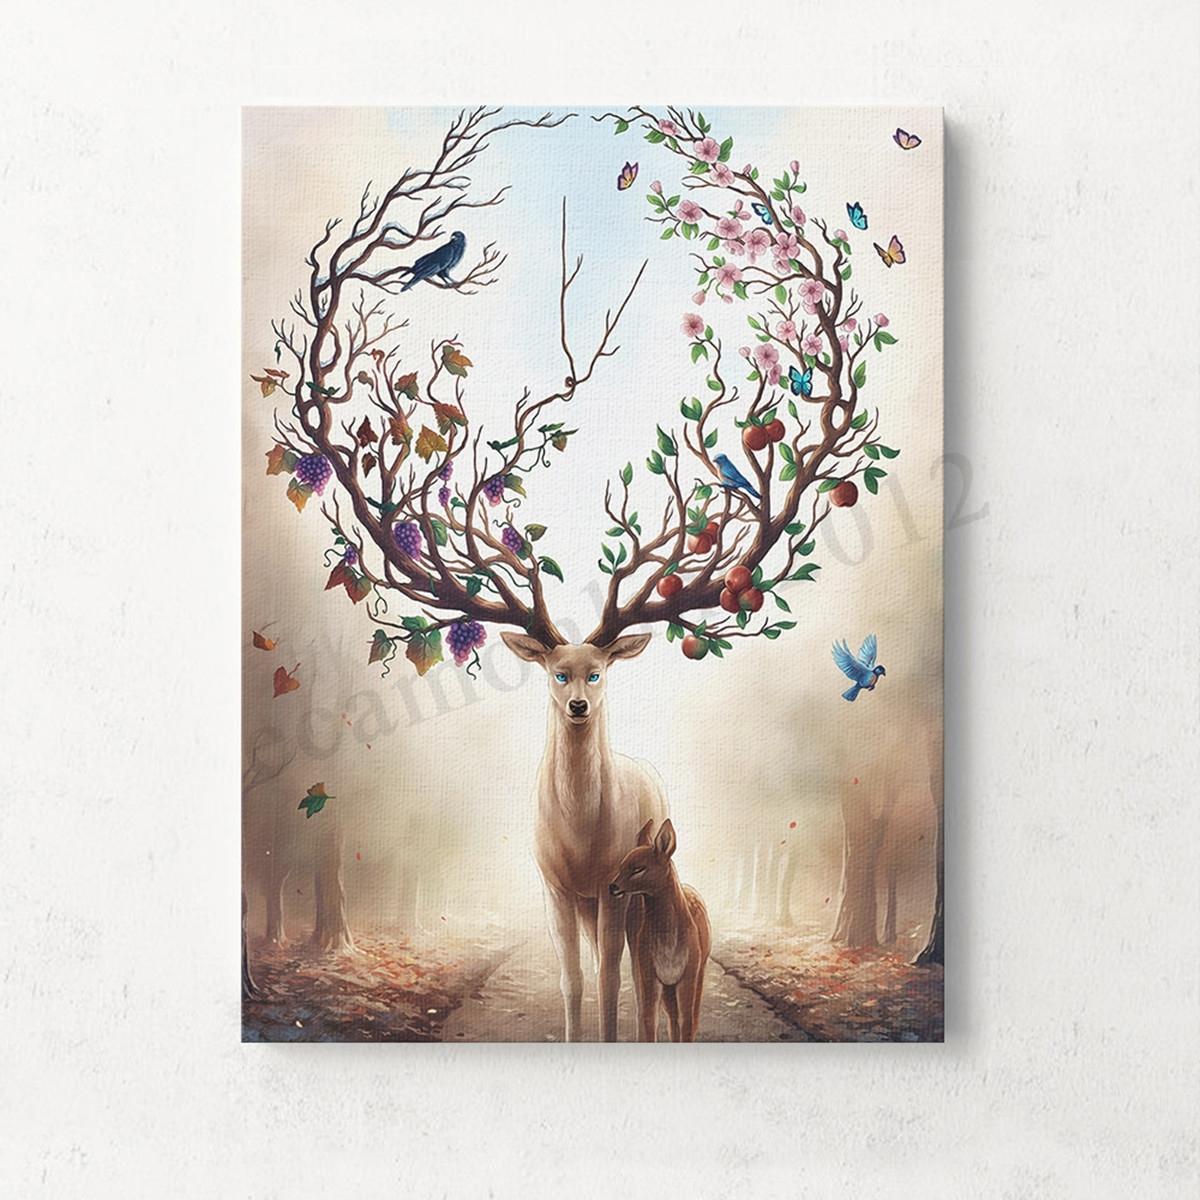 Unframed Canvas Print Deer Design Modern Home Decor Wall Art Intended For Recent Home Decor Wall Art (View 18 of 20)